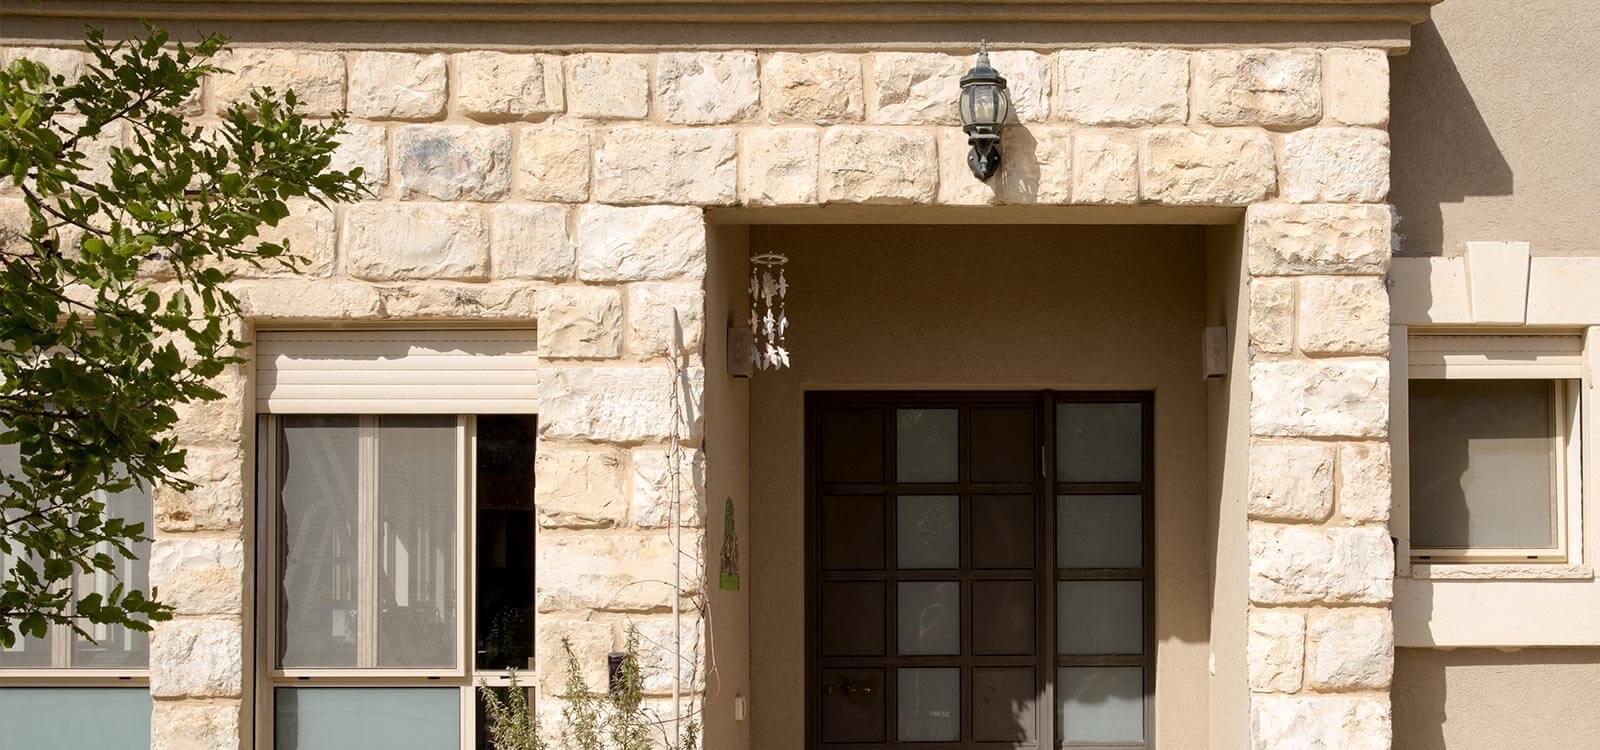 תכנון ועיצוב בית פרטי - תכנון ועיצוב בתים פרטיים